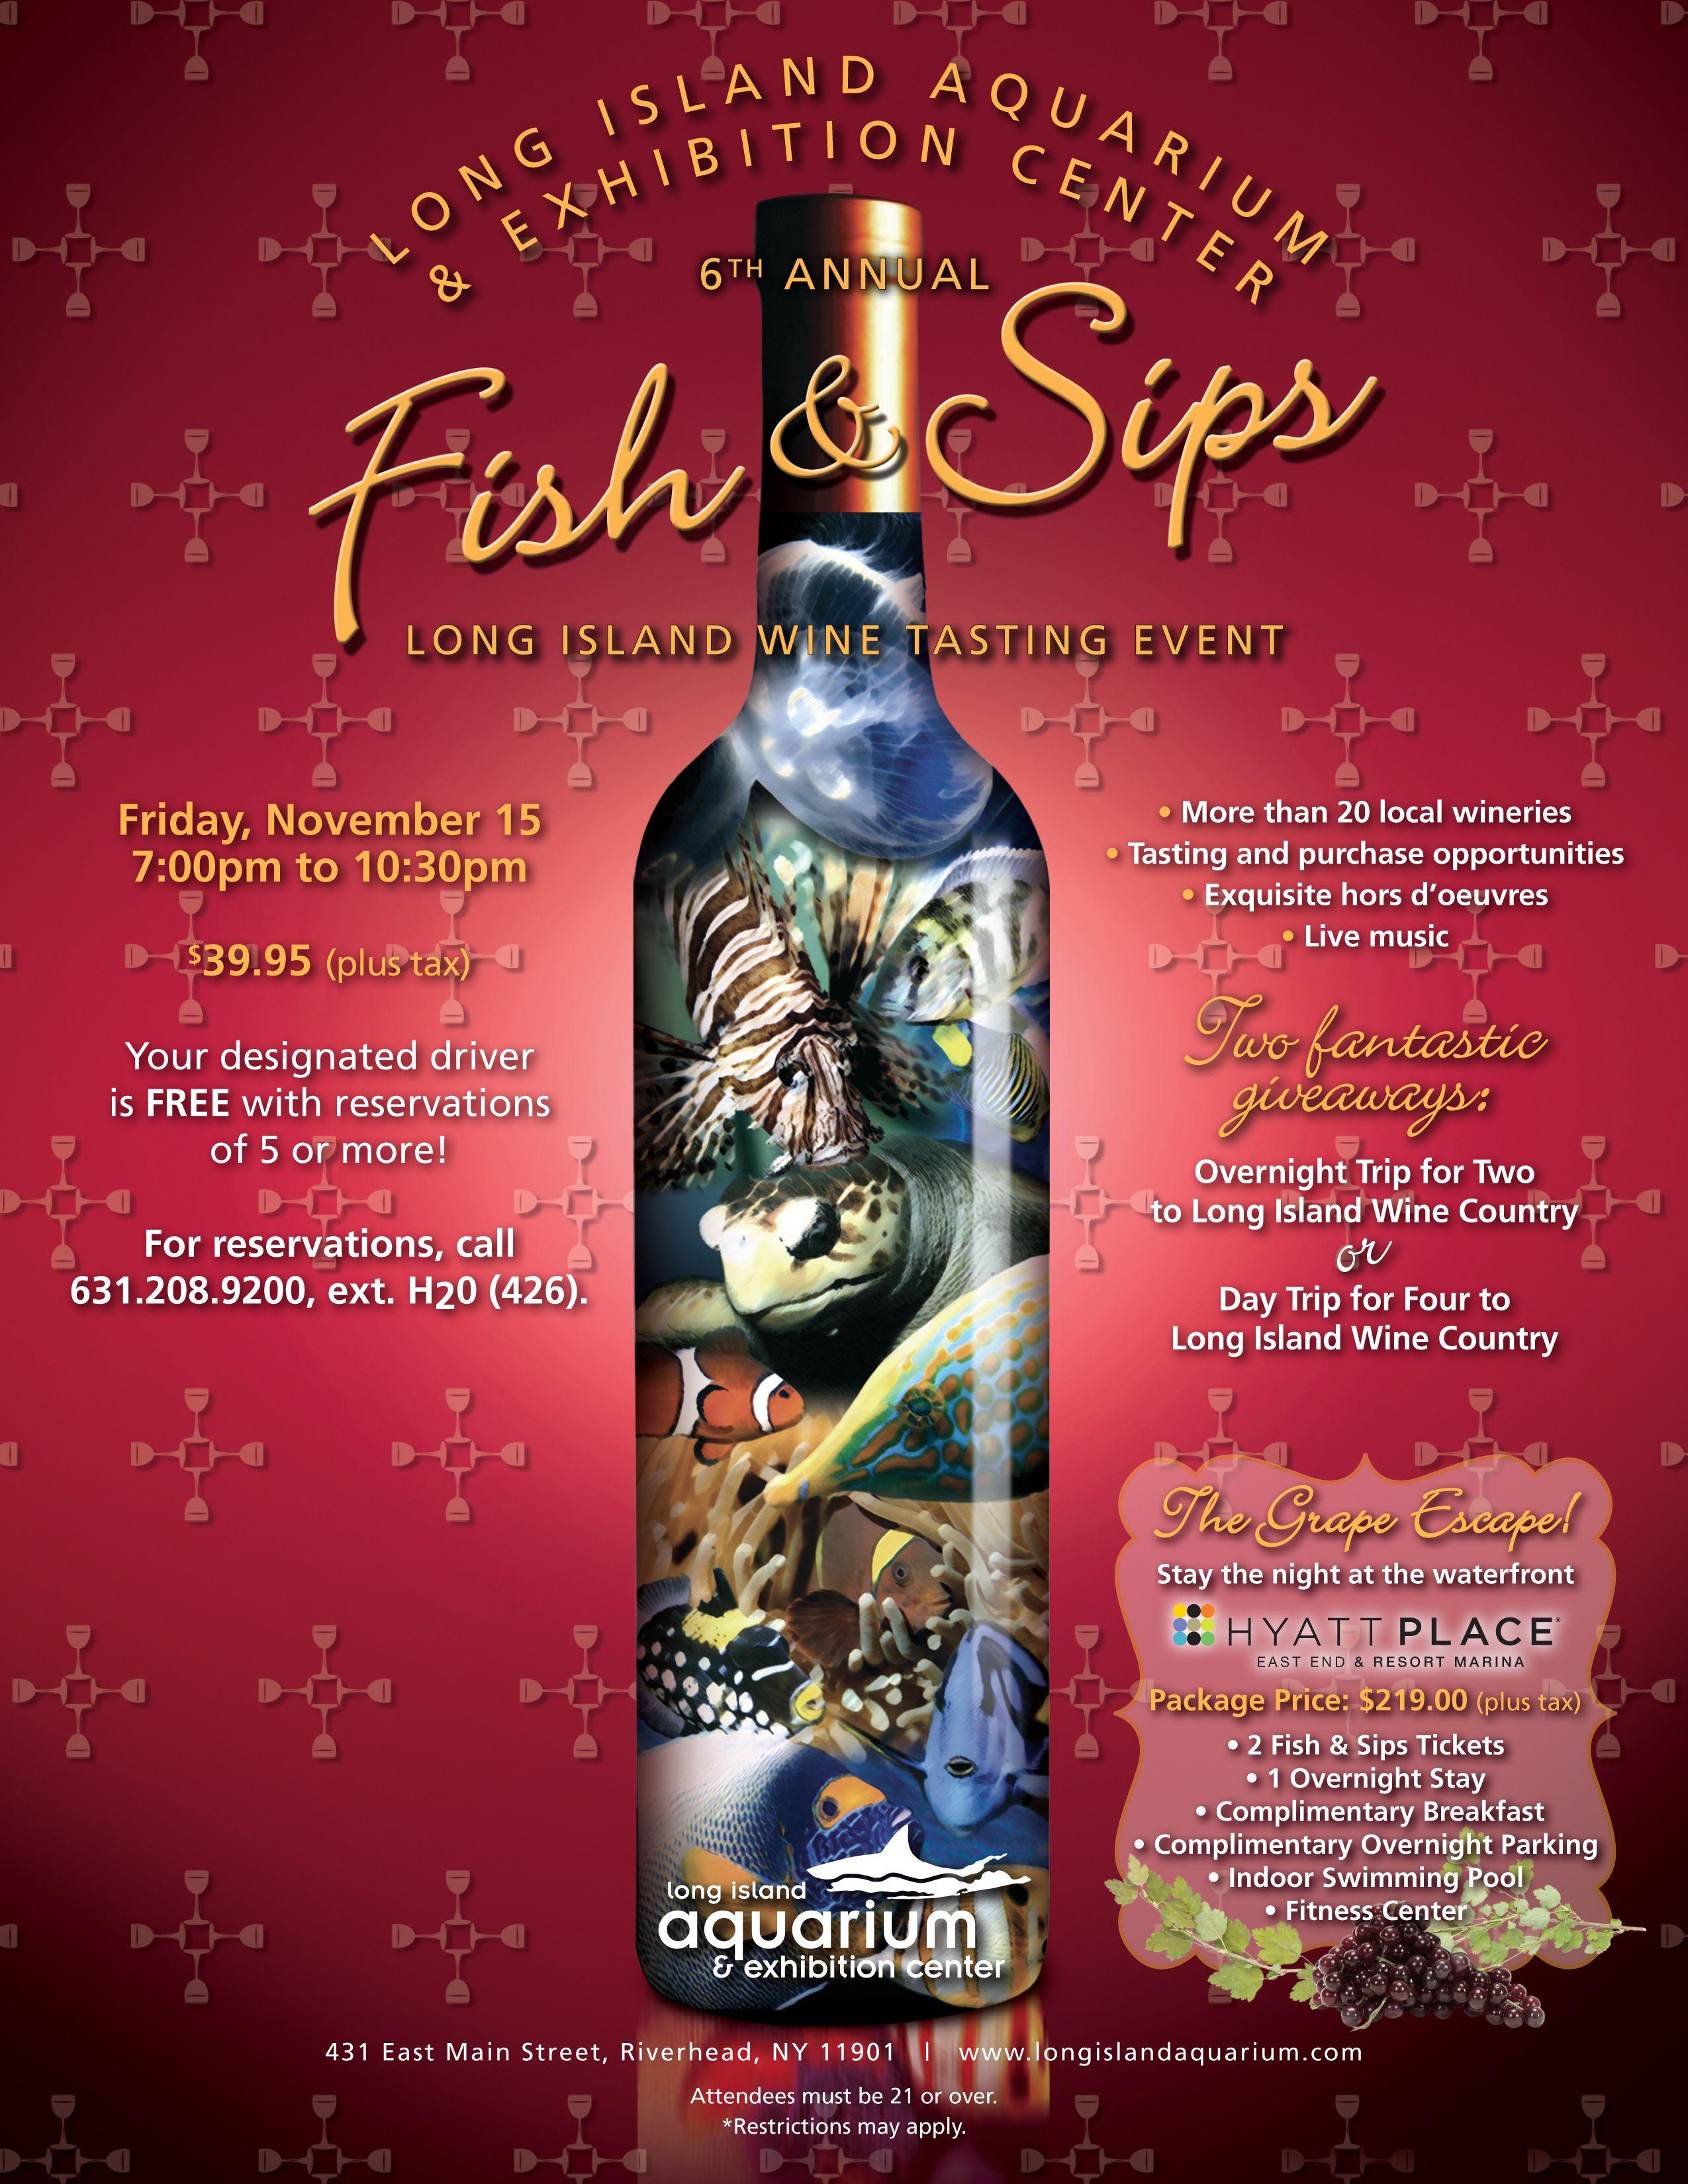 Fish Sips Long Island Wine Tasting Wine Tasting Events Wine Tasting Wine Fridge